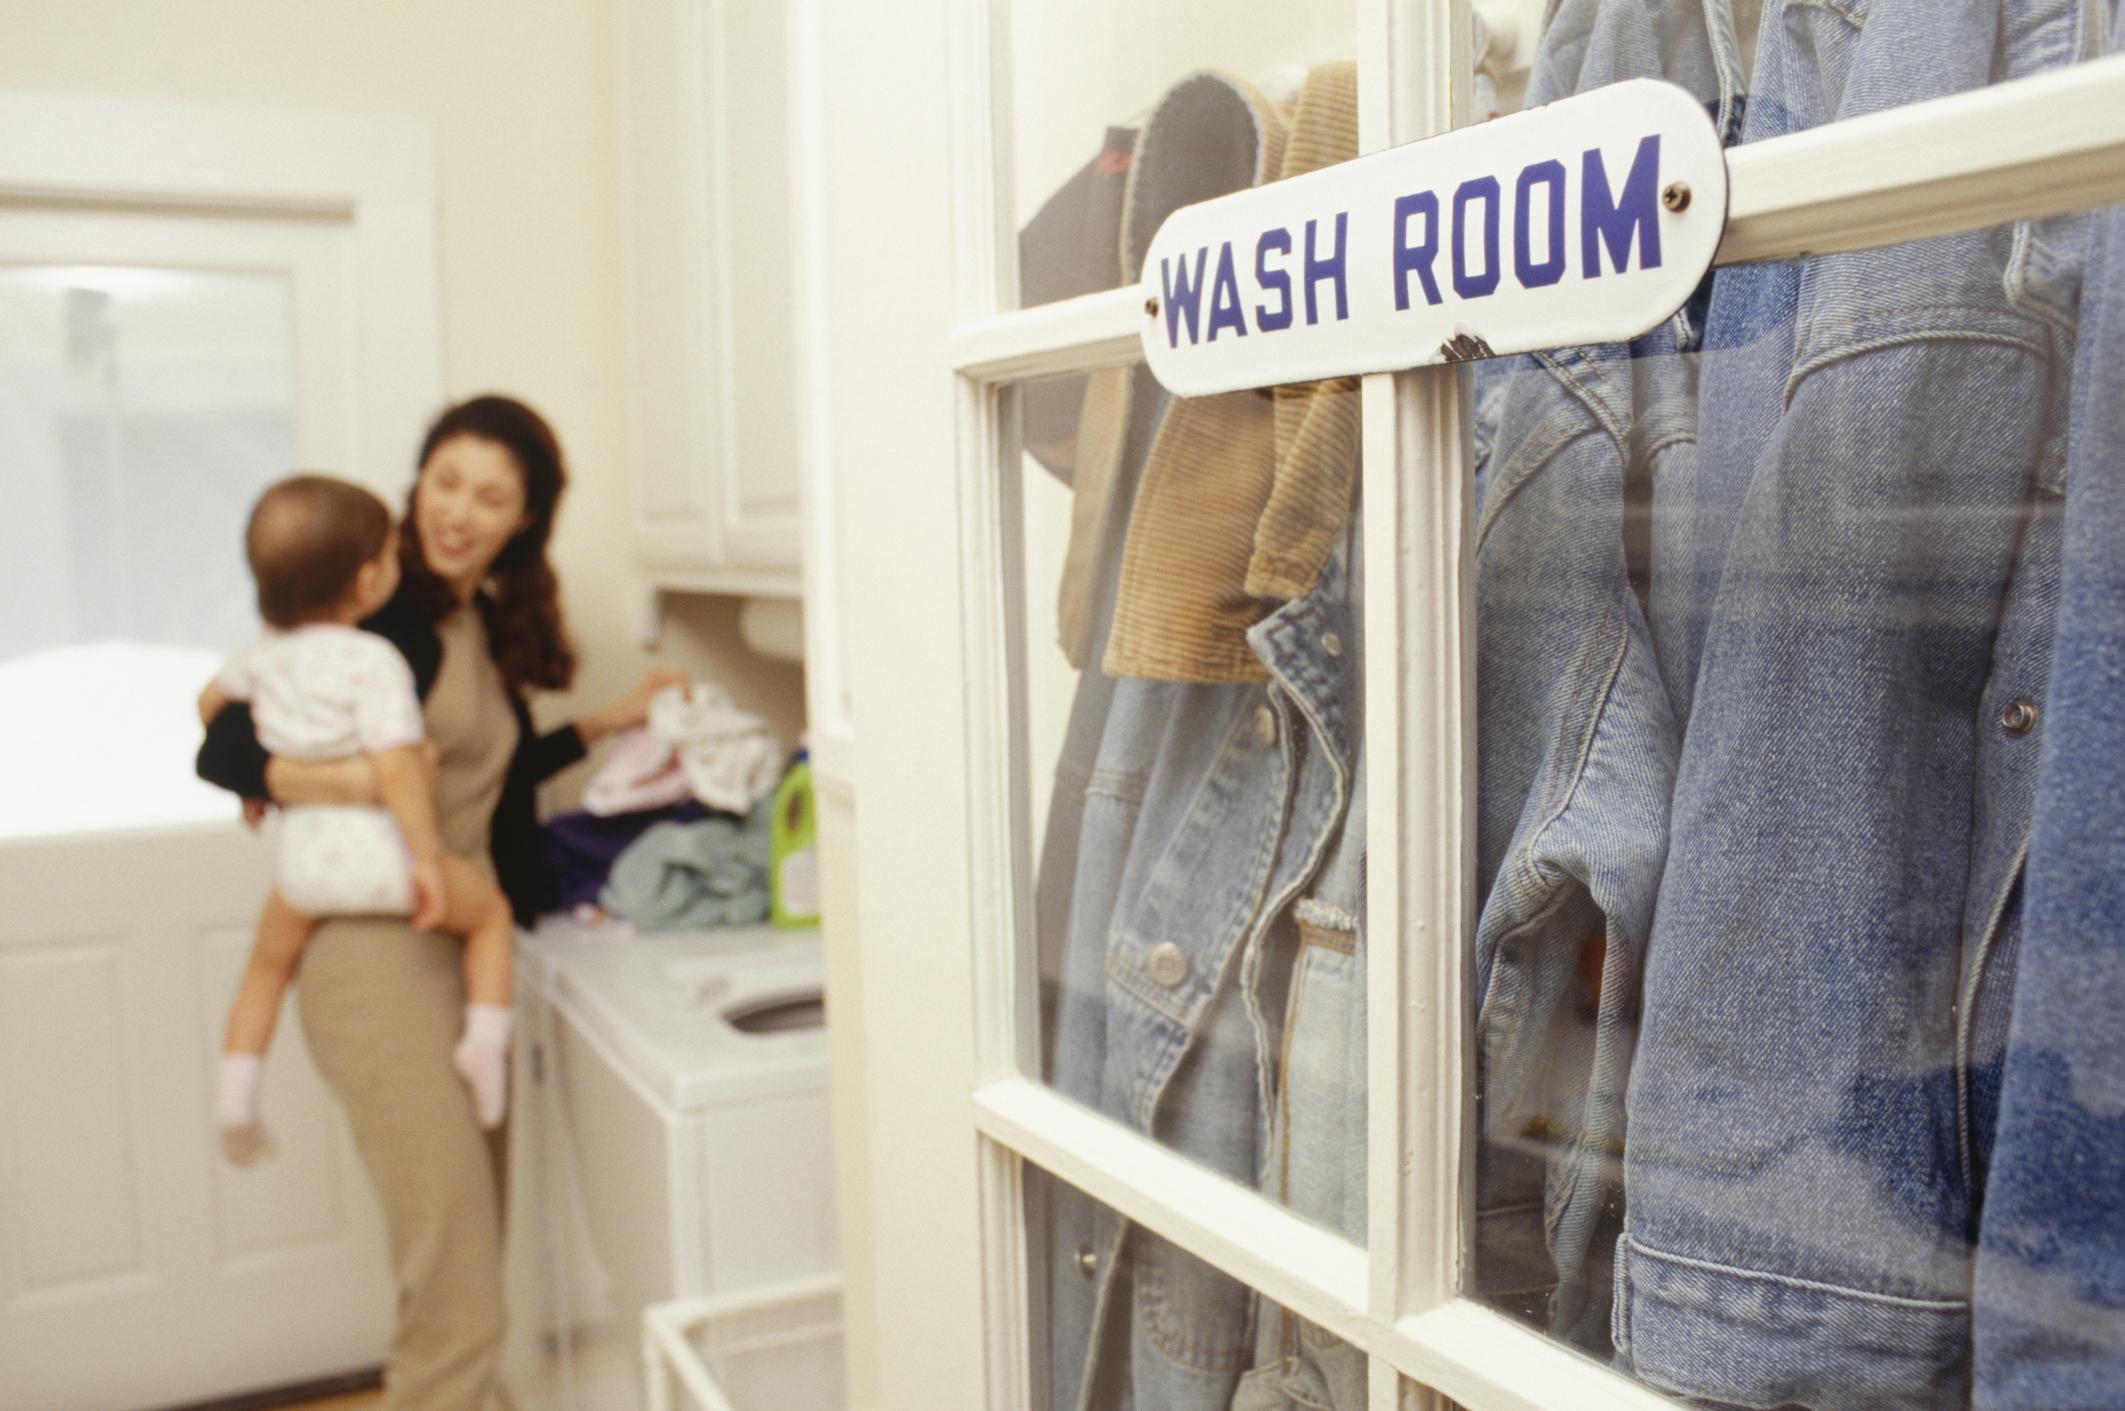 Якета и възглавници в пералнята<br /> <br /> При дрехи с пух и якета, както и възглавниците, е нужно повторно изпиране, за да не остане перилен препарат по тях. В такива случаи е най-добре да дадете тези вещи за пране на химическо почистване, където разполагат с професионални машини и ще се погрижат най-добре за правилното изпиране. Ако нямате възможност за професионално почистване – внимавайте с количеството прах и изперете повторно.